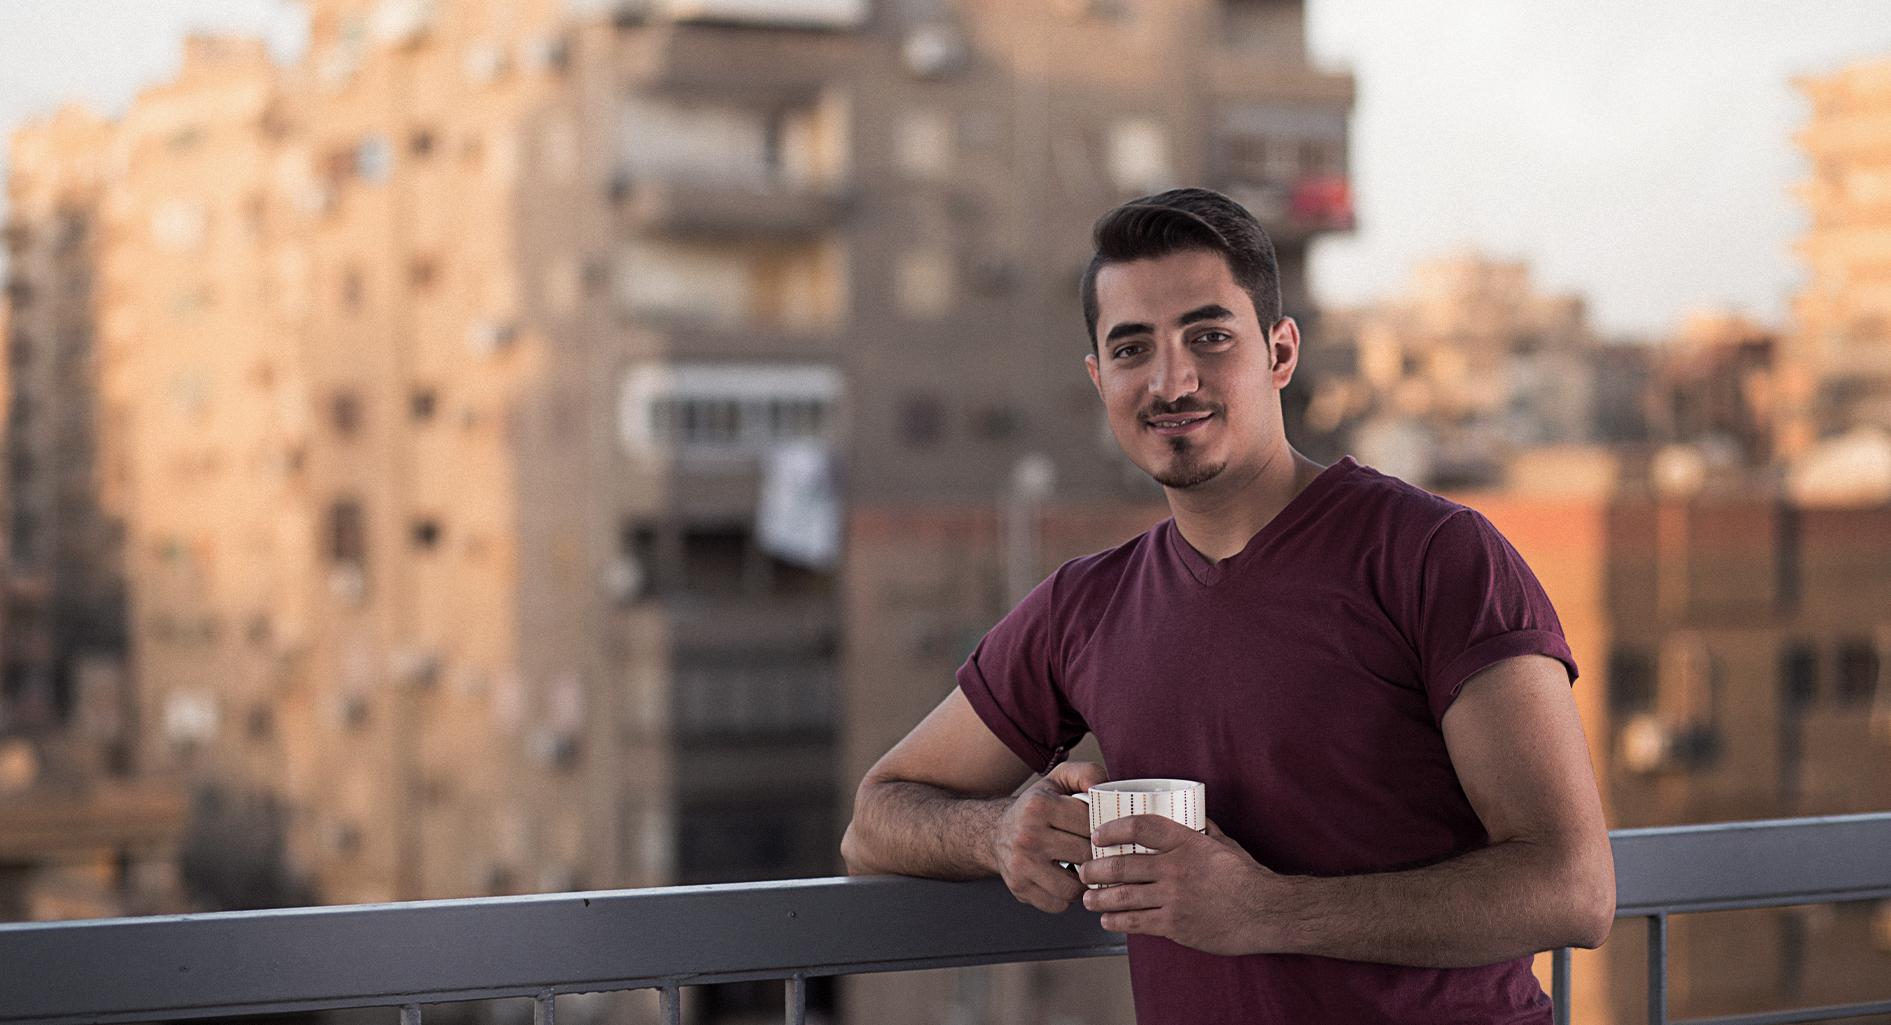 صورة قصة نجاة: مصري يستيقظ صباحاً ويذهب إلى عمله ويعود منه دون أن يختفي قسرياً